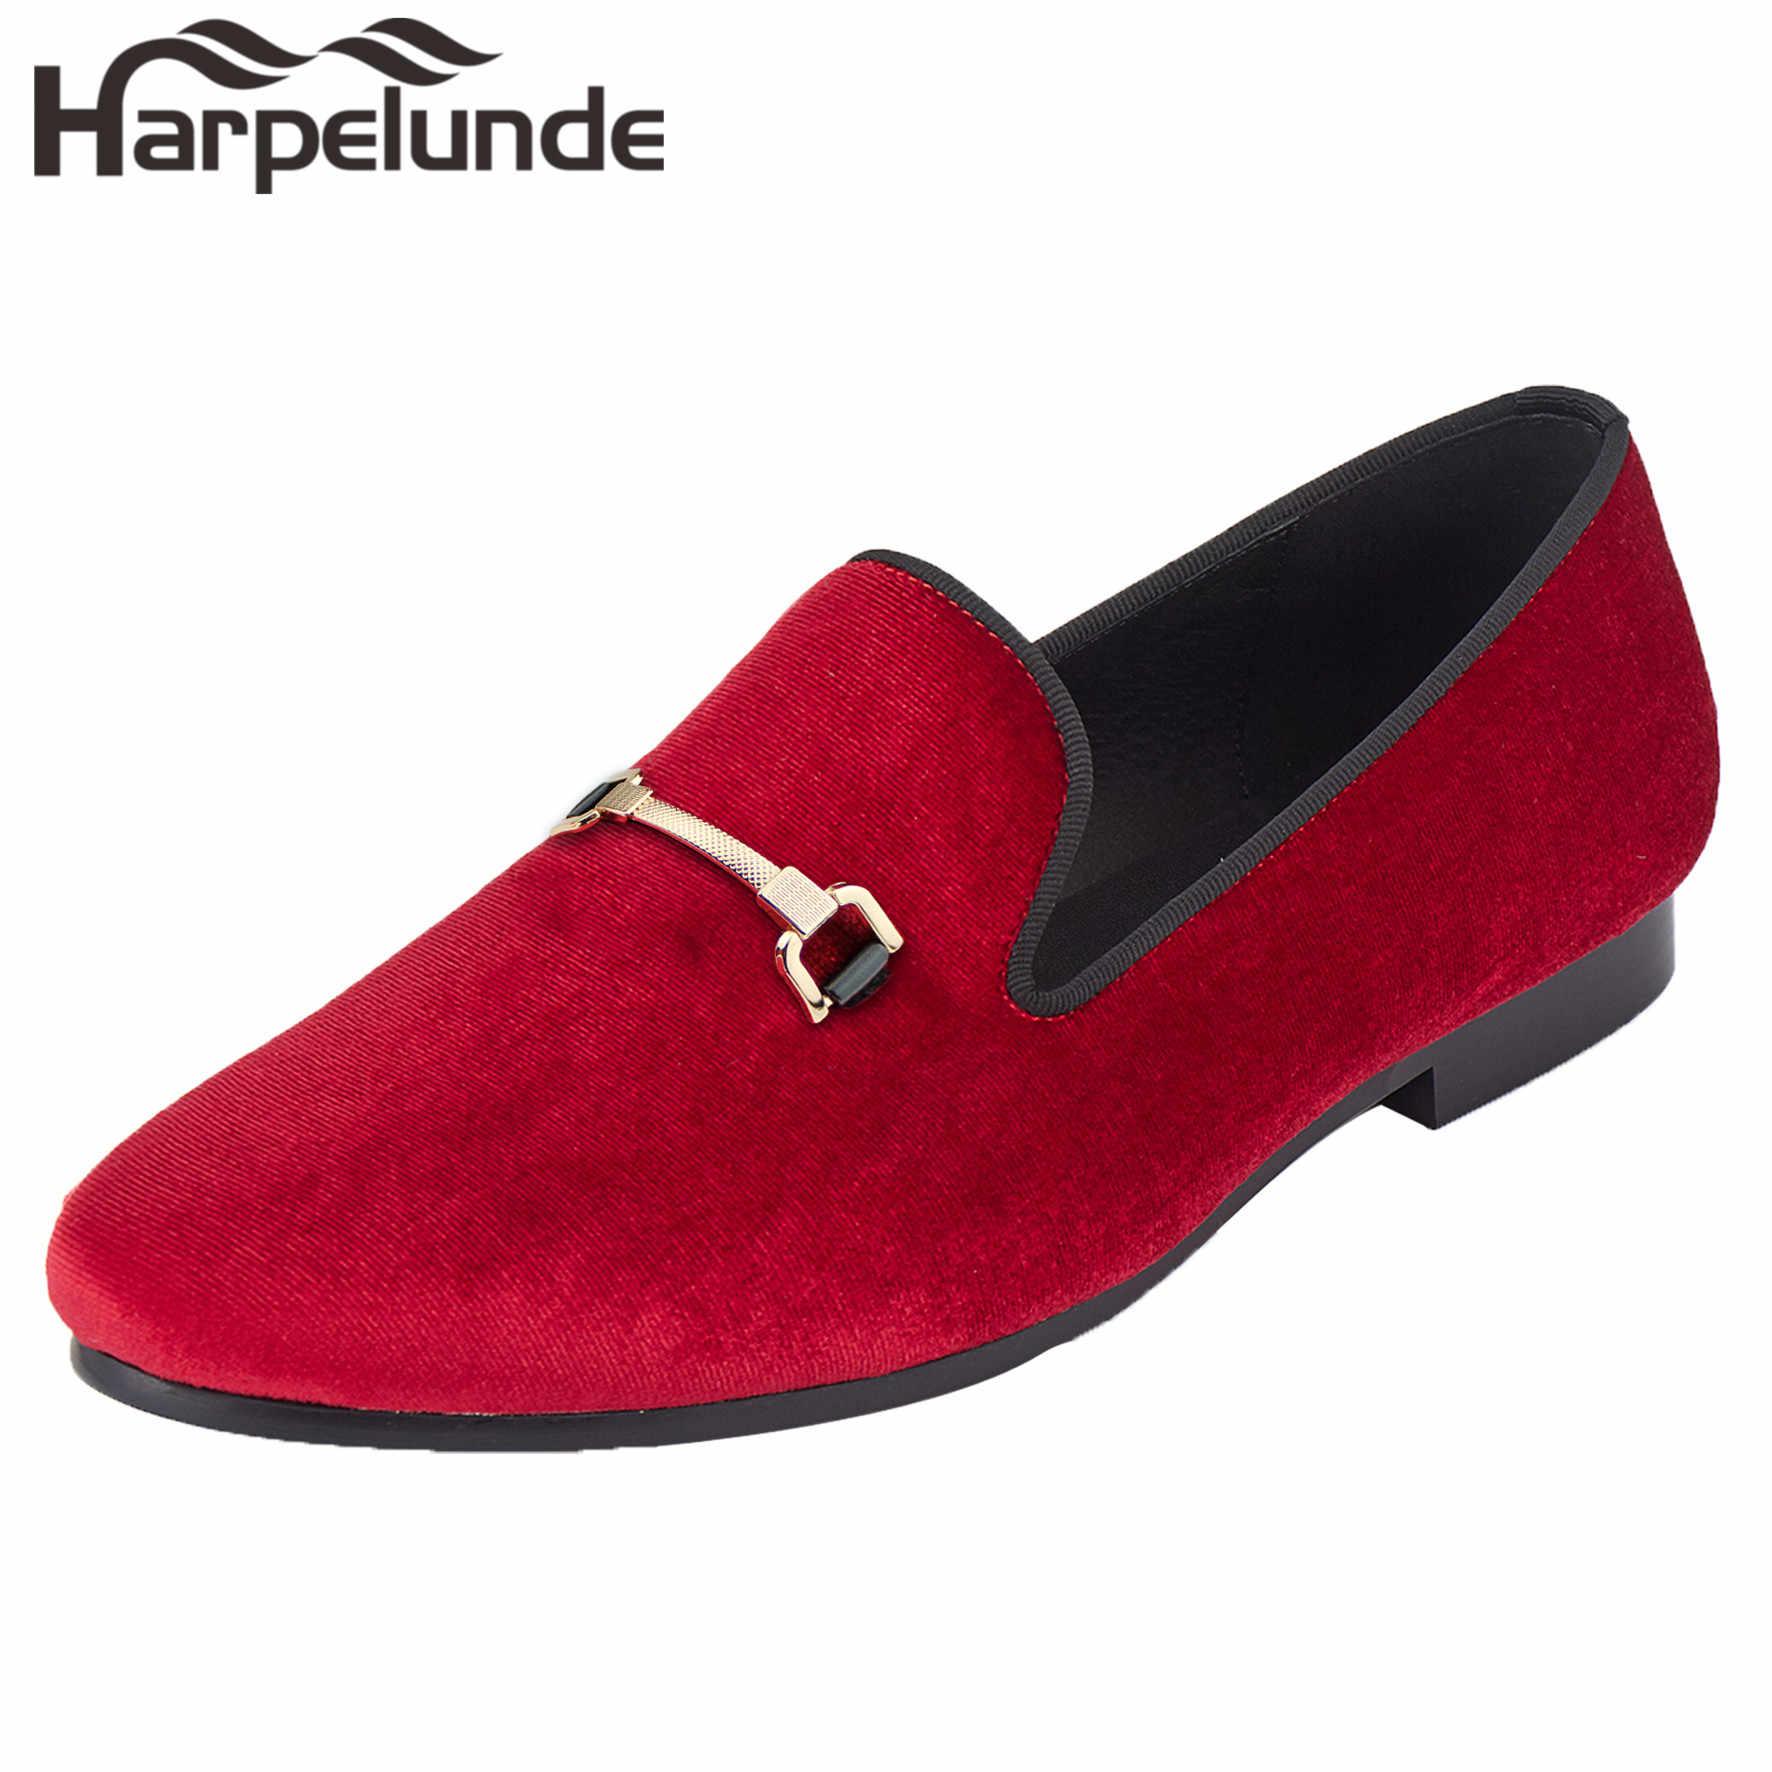 Harpelunde ผู้ชายคริสต์มาสรองเท้าหัวเข็มขัดชุดกำมะหยี่สีดำ Loafers